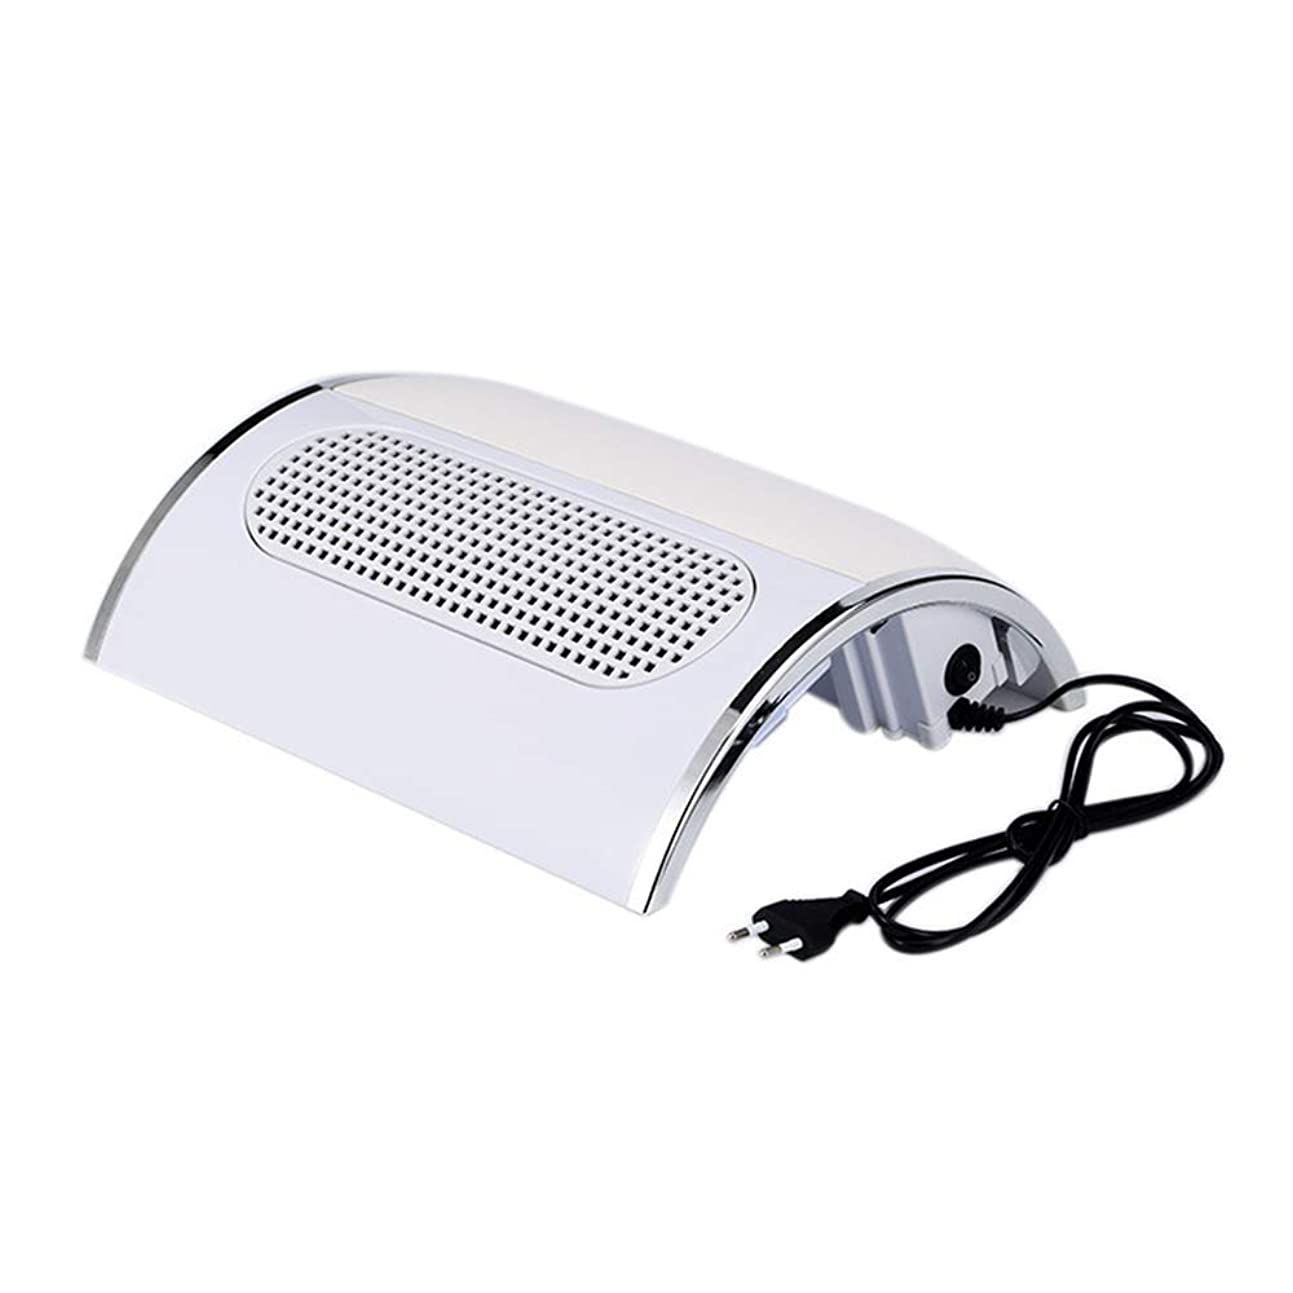 短くするホバート航空会社ネイル光線療法機 ネイルドライヤー - ネイルランプネイルバキュームネイルドライヤー3ファンパワーパワフルファン掃除機ネイルドライヤー